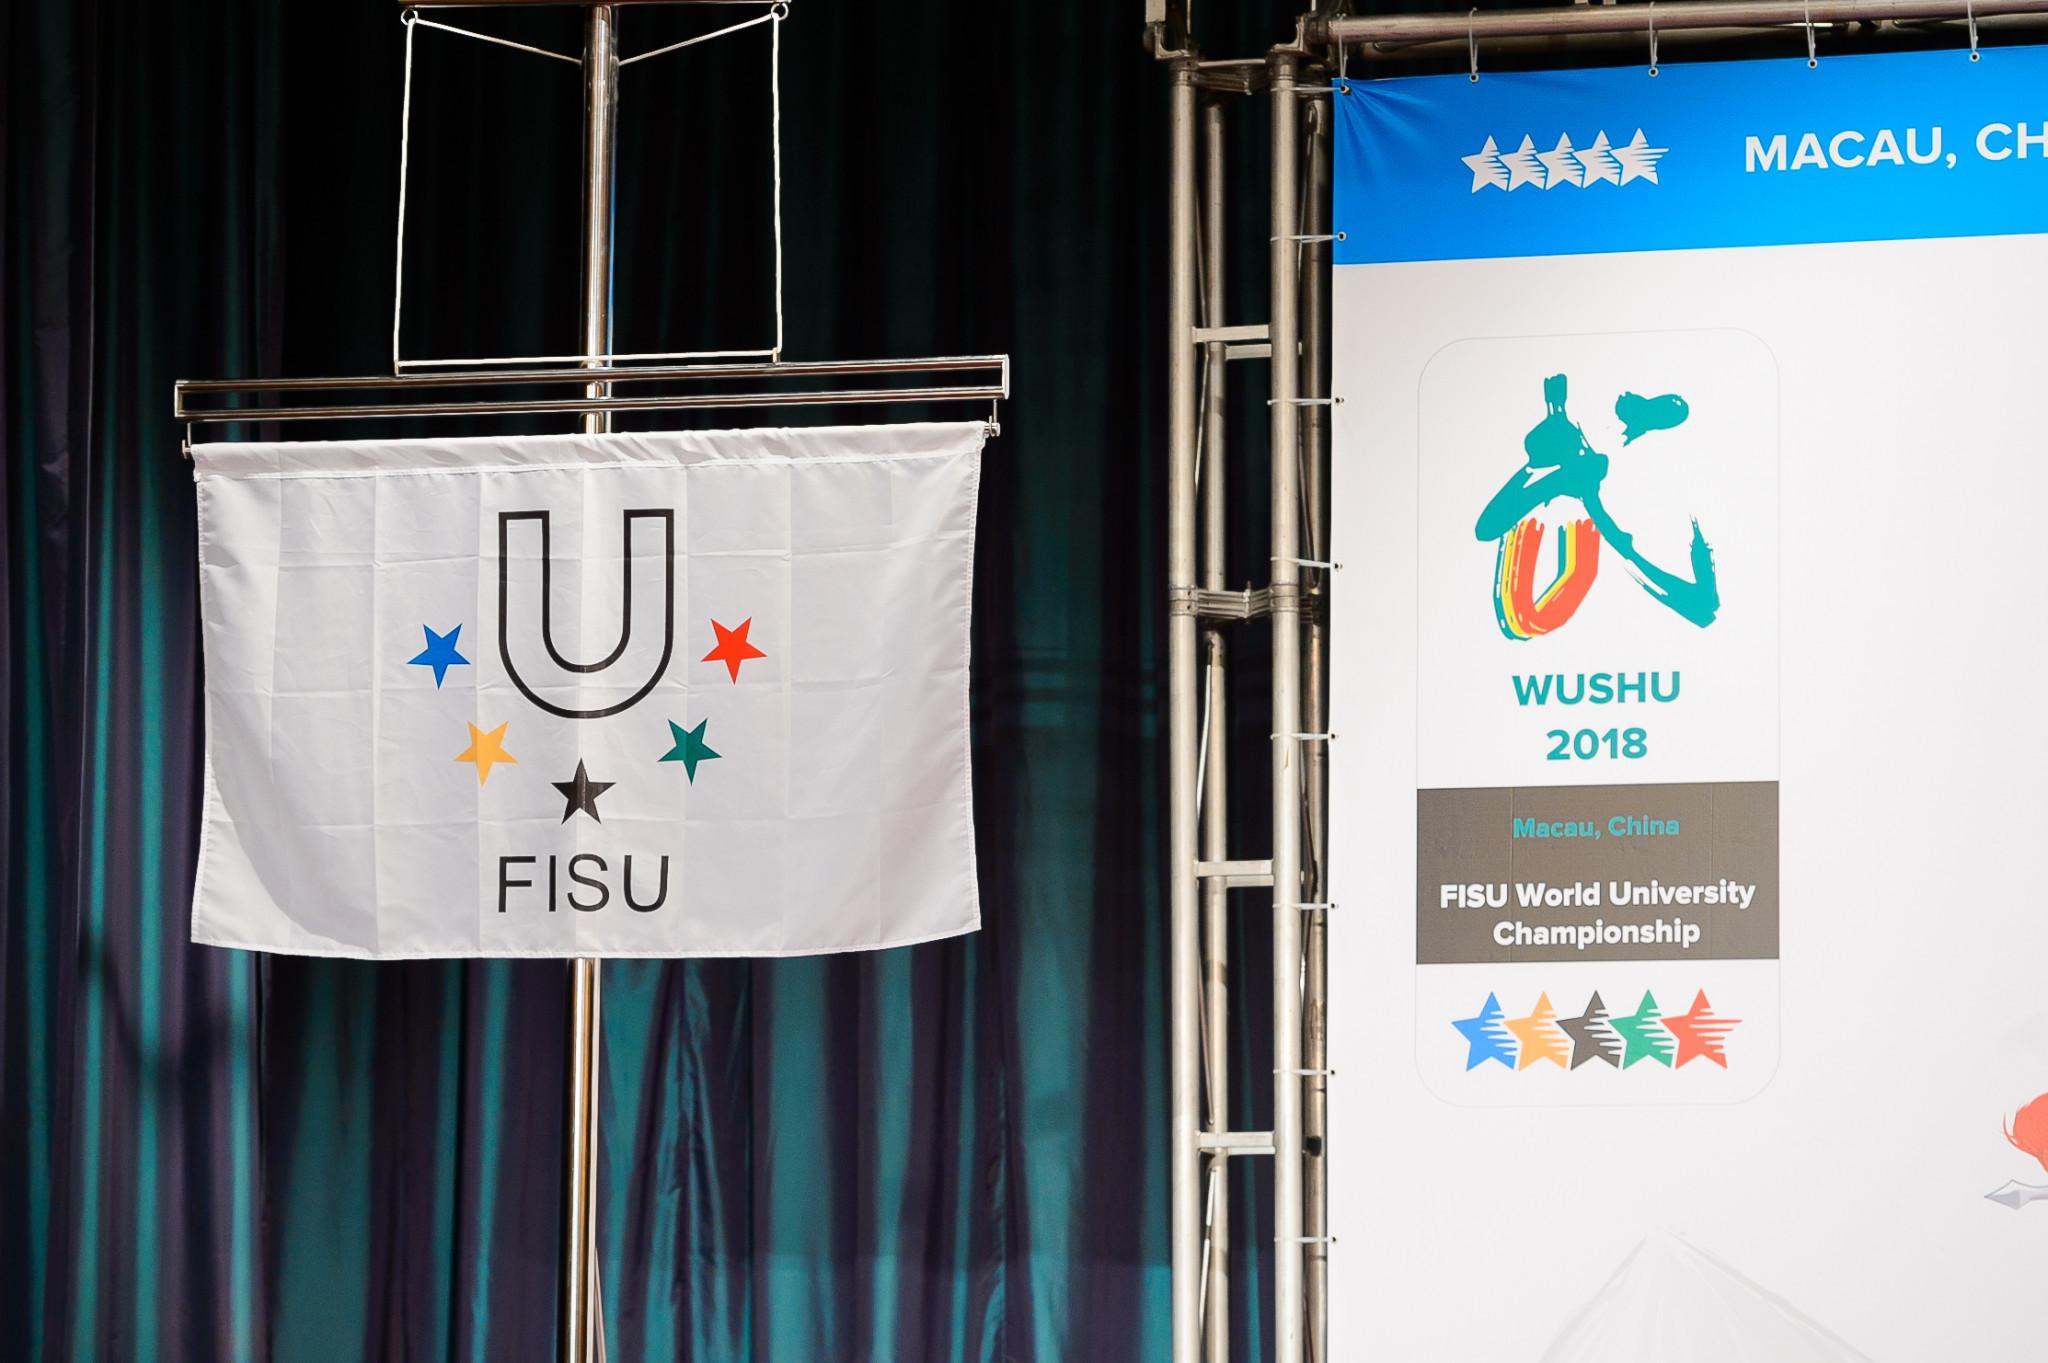 China and Japan enjoy World University Wushu Championship victories